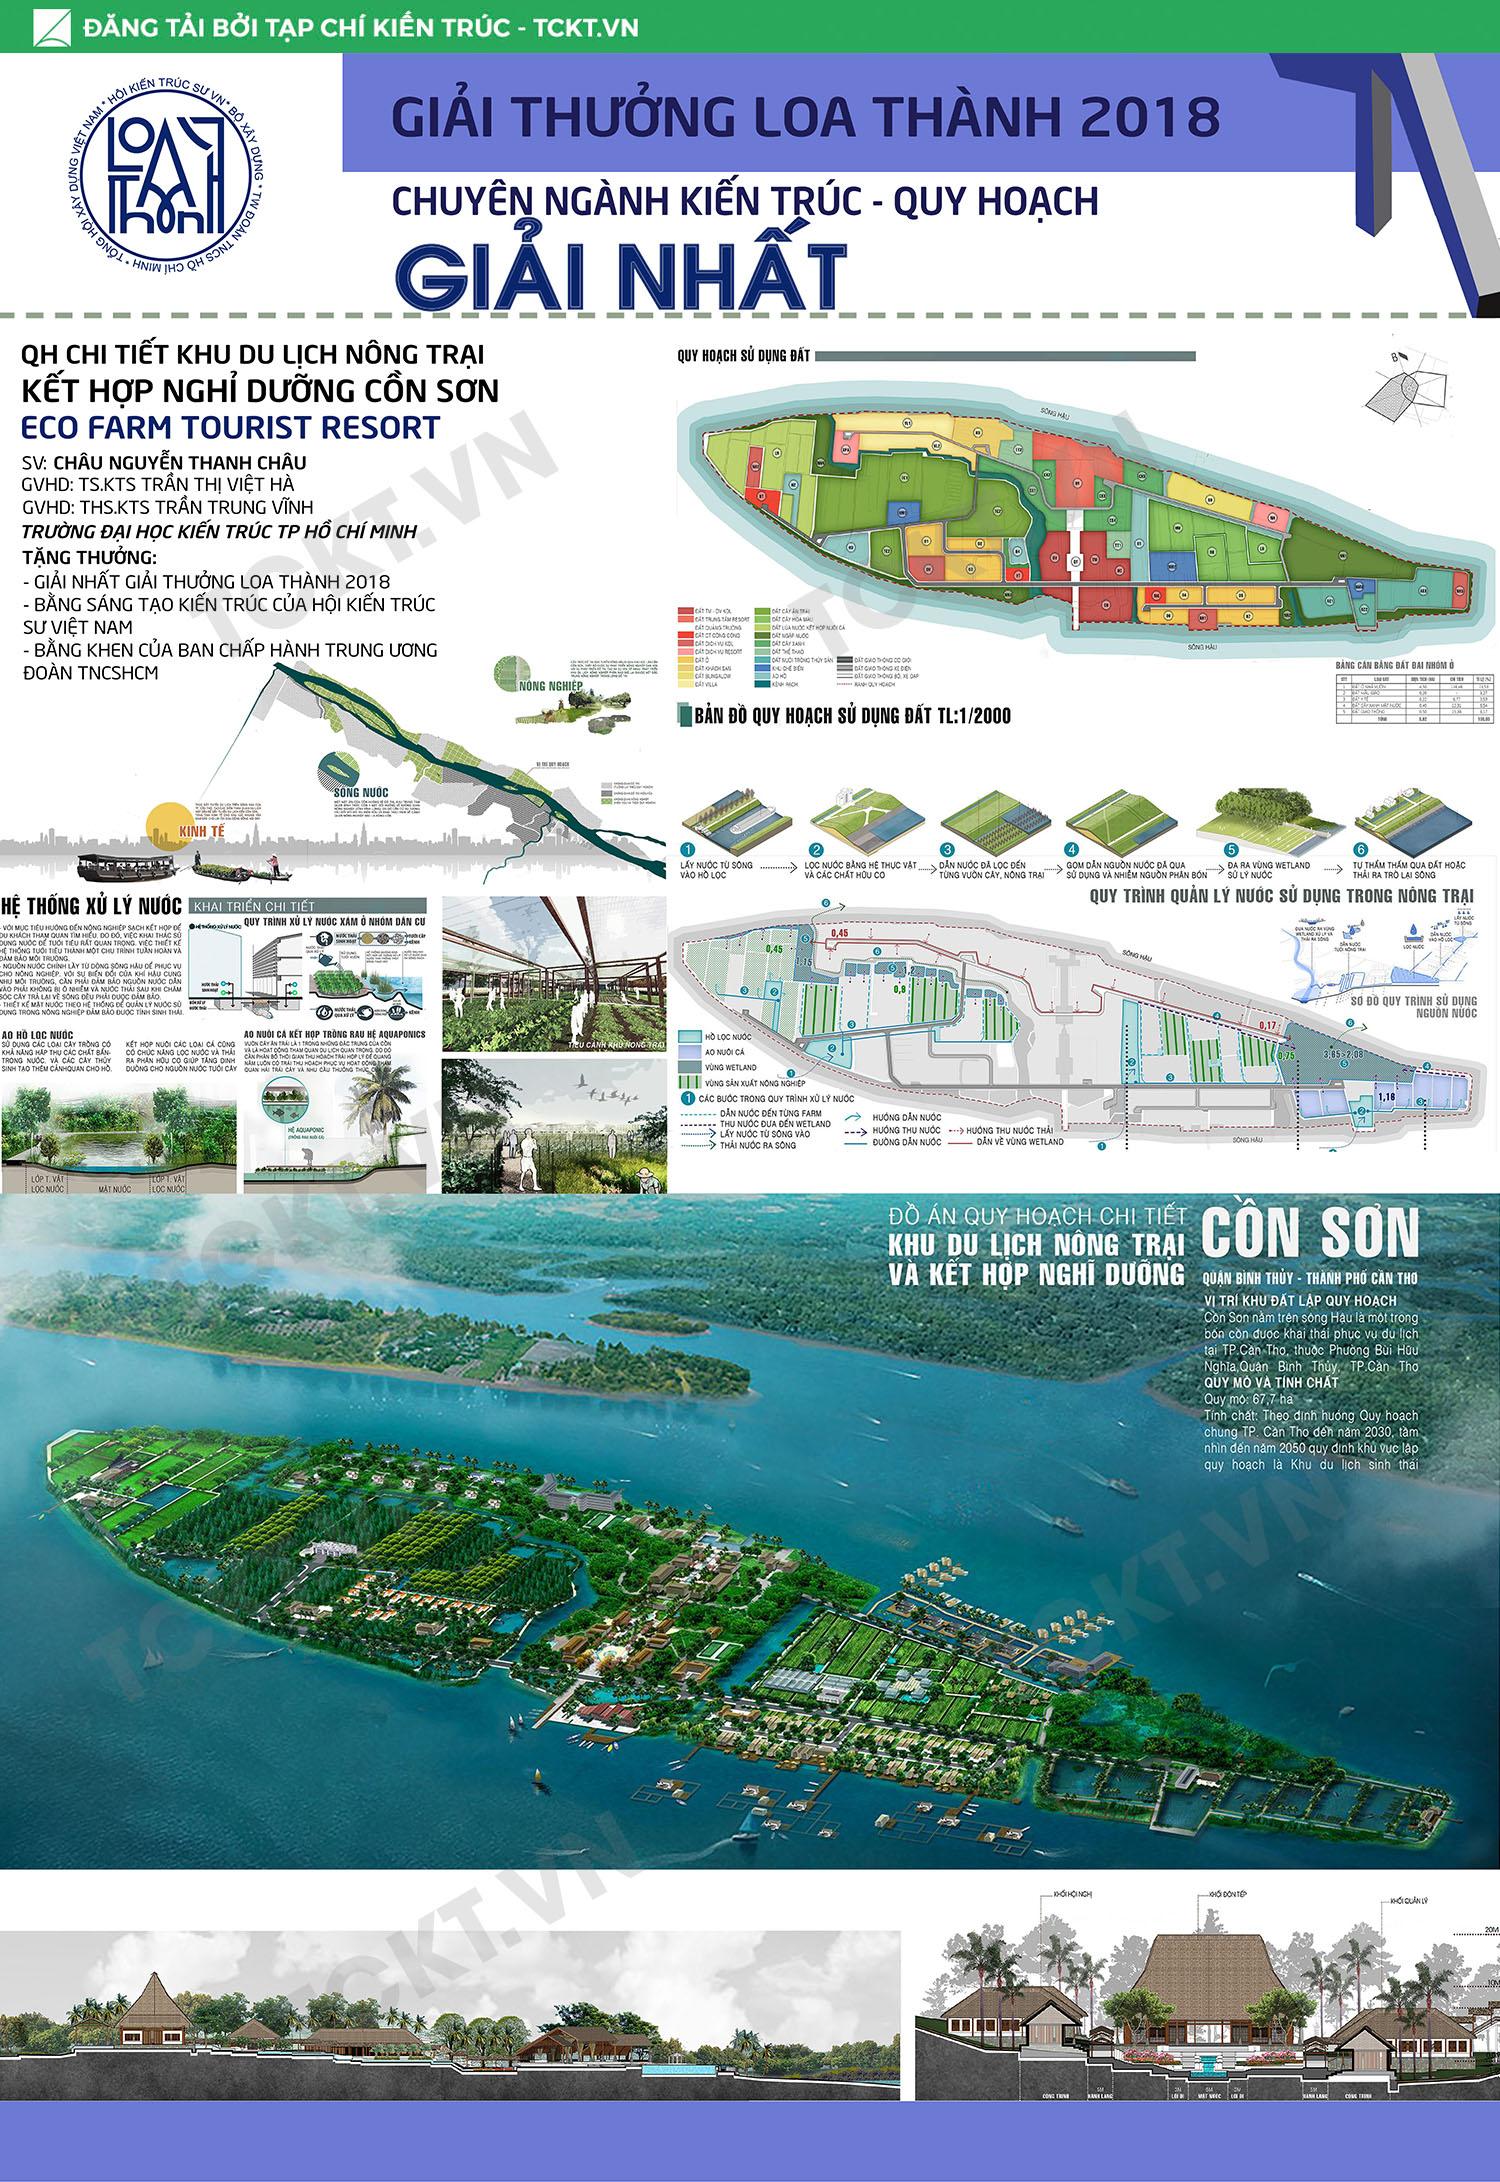 Đồ án Quy hoạch chi tiết khu du lịch nông trại Kết hợp nghỉ dưỡng Cồn Sơn